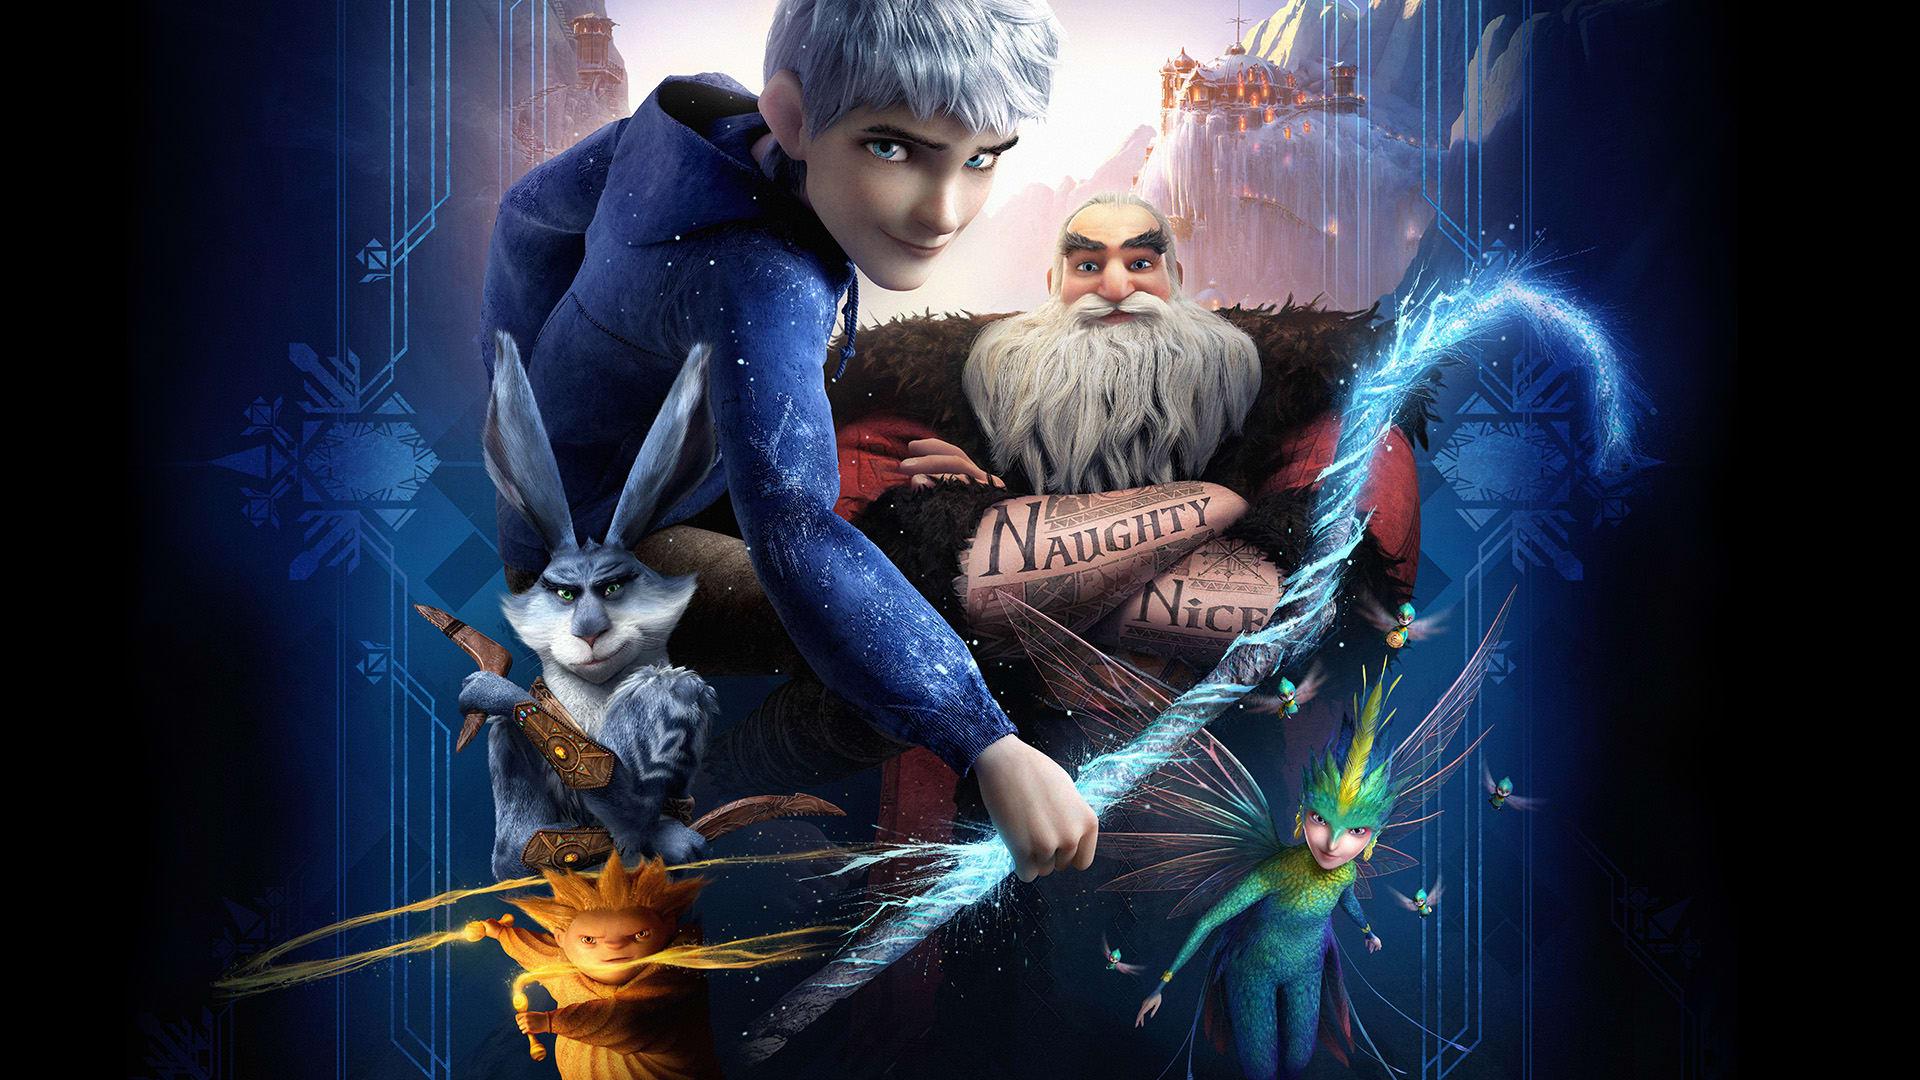 日本公開を待ち望んでいたアニメ映画「ガーディアンズ 伝説の勇者たち」。... ガーディアンズ 伝